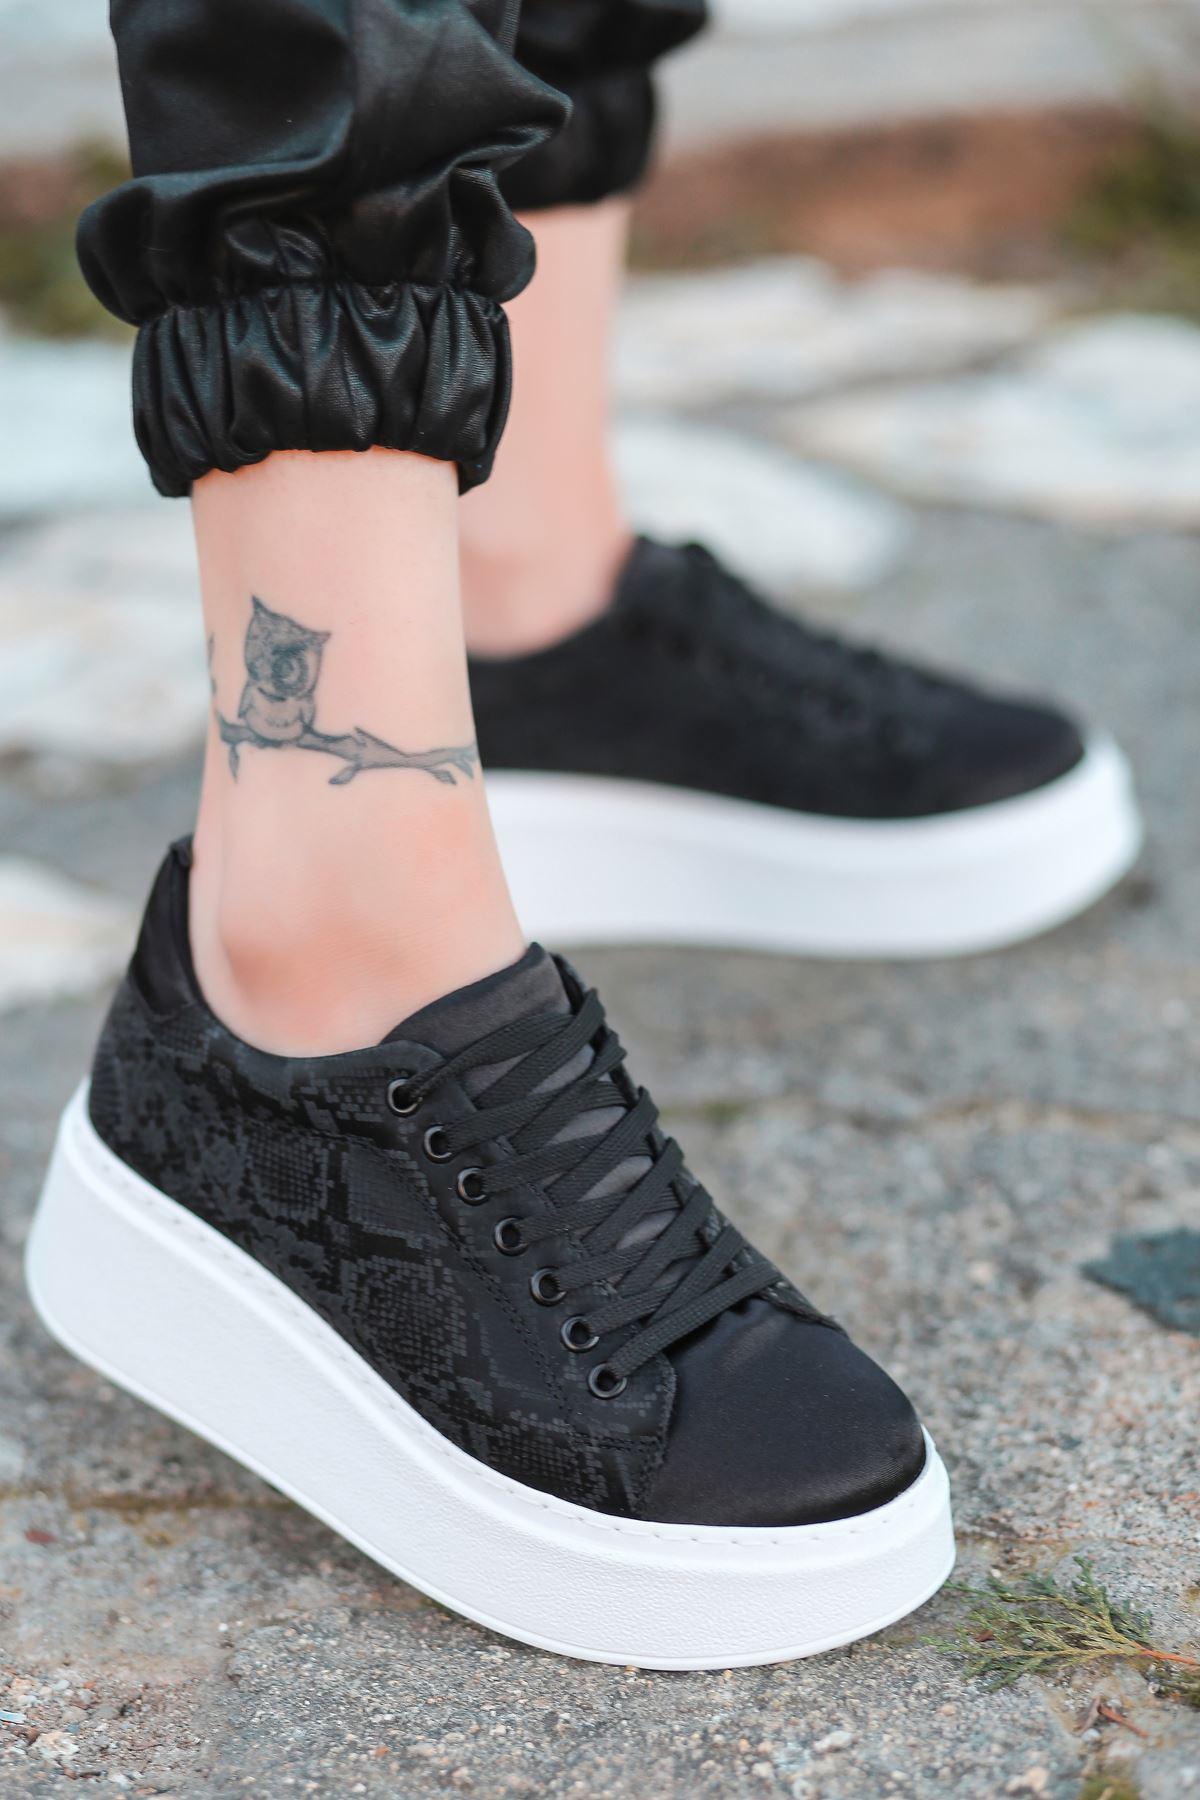 Hugo Saten Kumaş Kalın Taban Yılan Desenli  Spor Ayakkabı Siyah